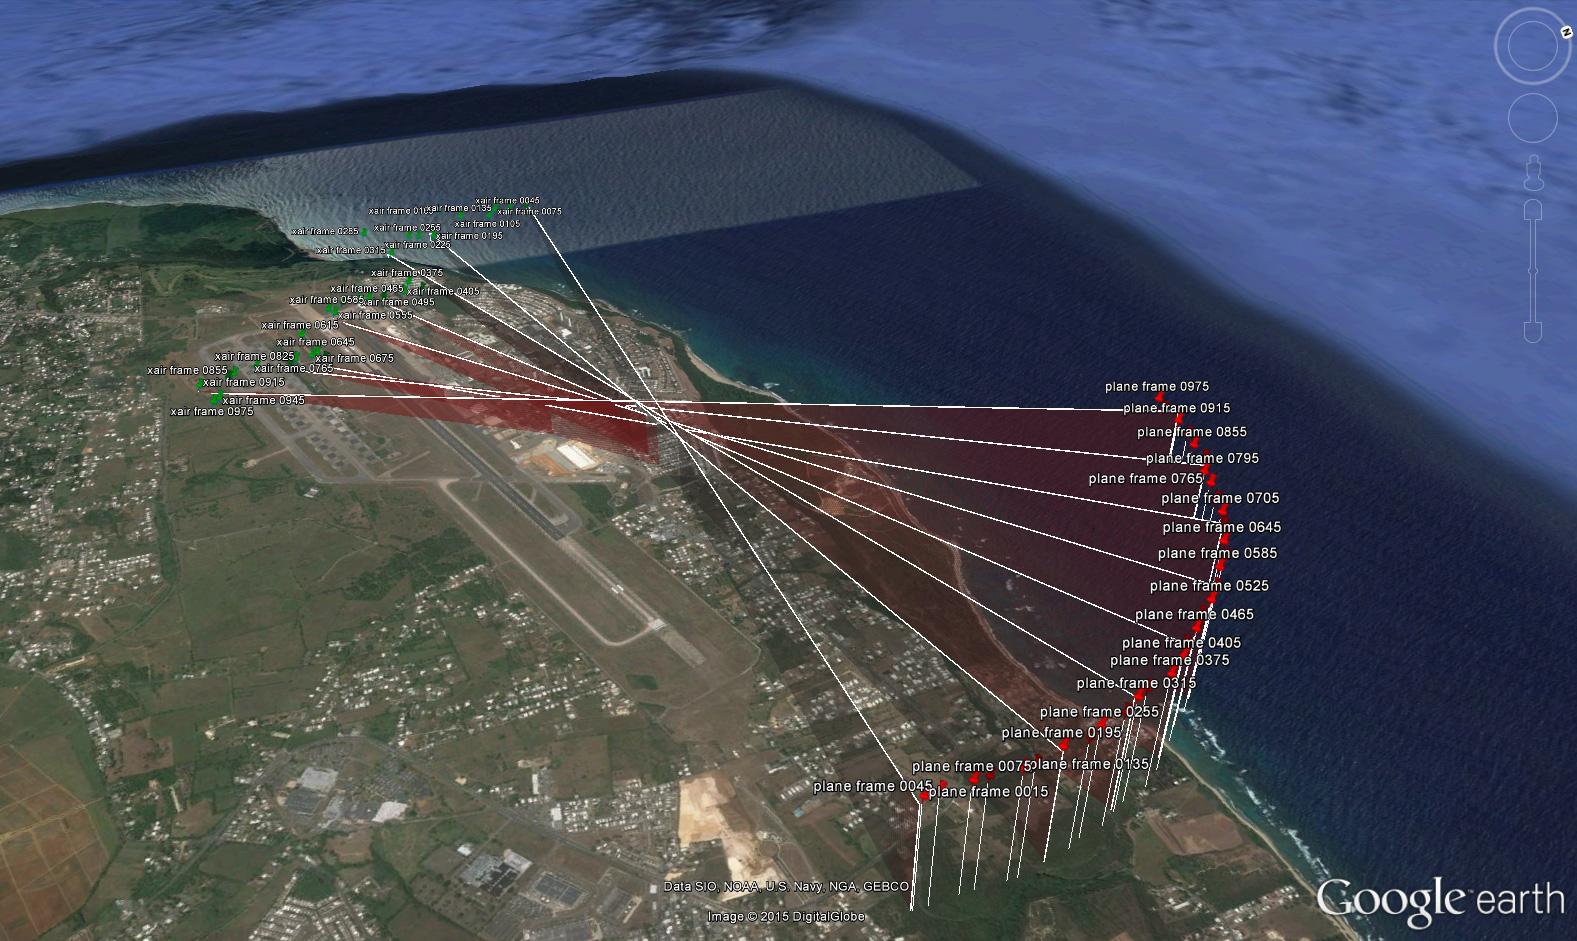 Aguadilla Puerto Rico UAP/USO - Page 7 Am55e0e1cc